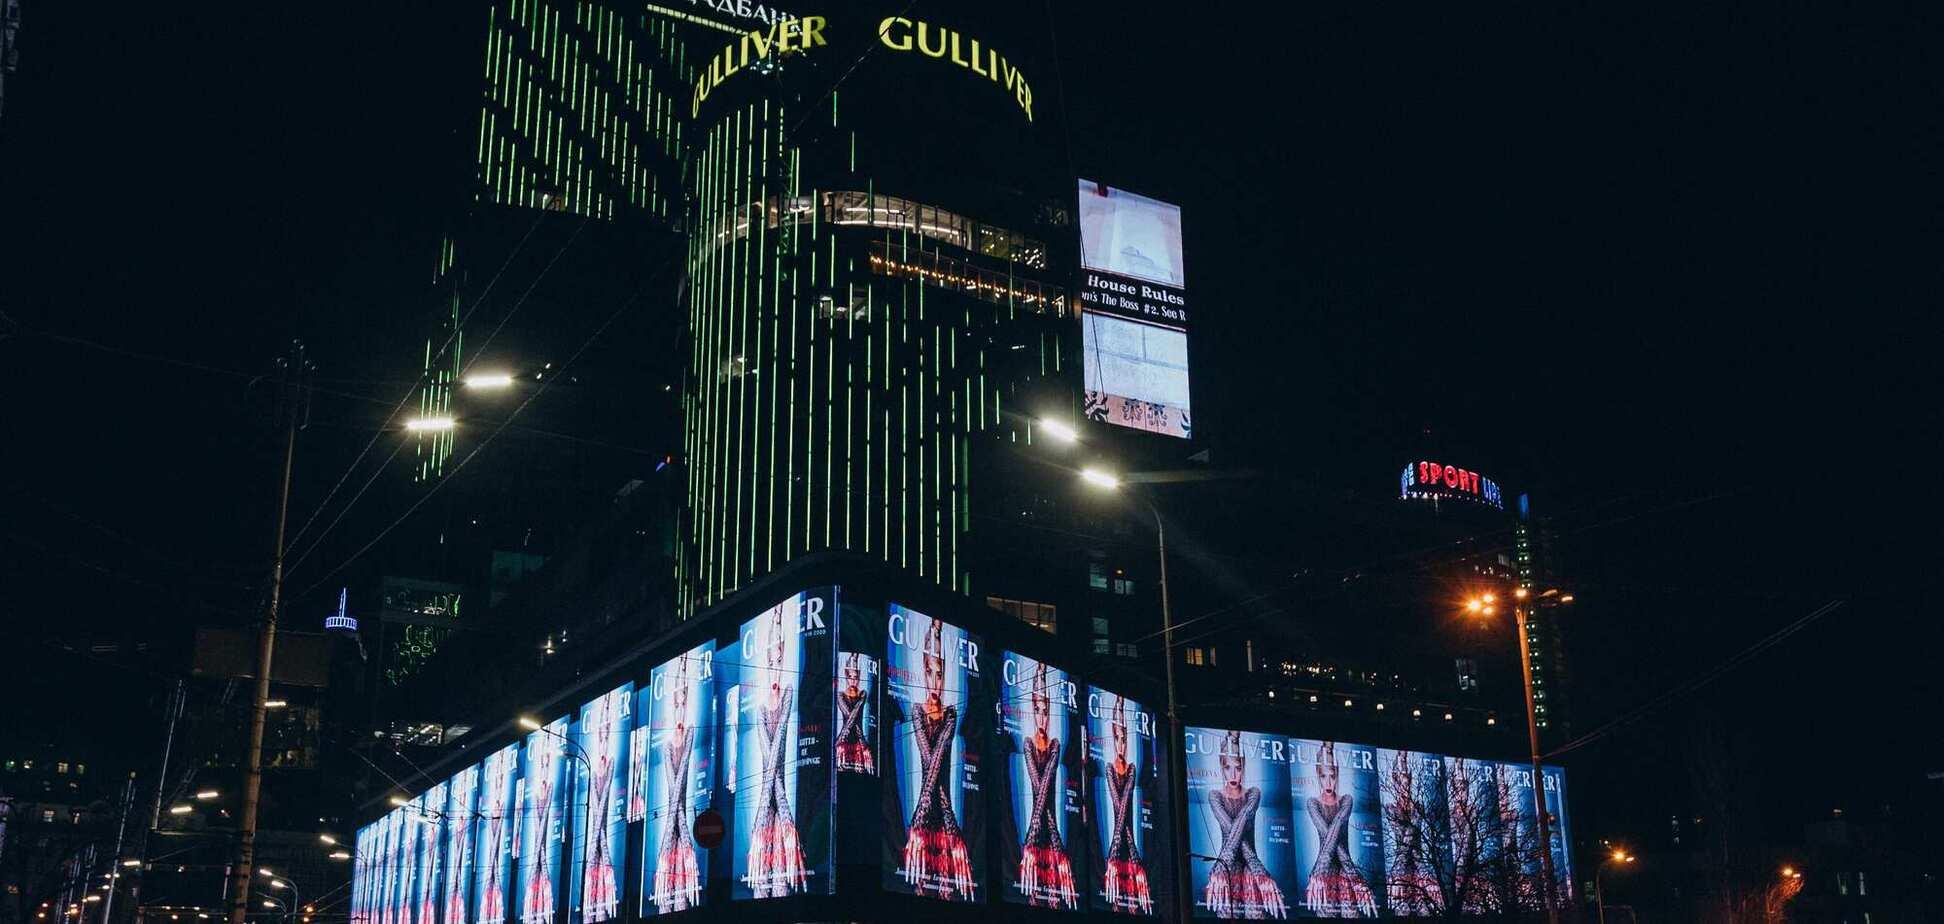 На фасаде МФК Gulliver в марте 2021 установлен самый большой светодиодный экран в Европе